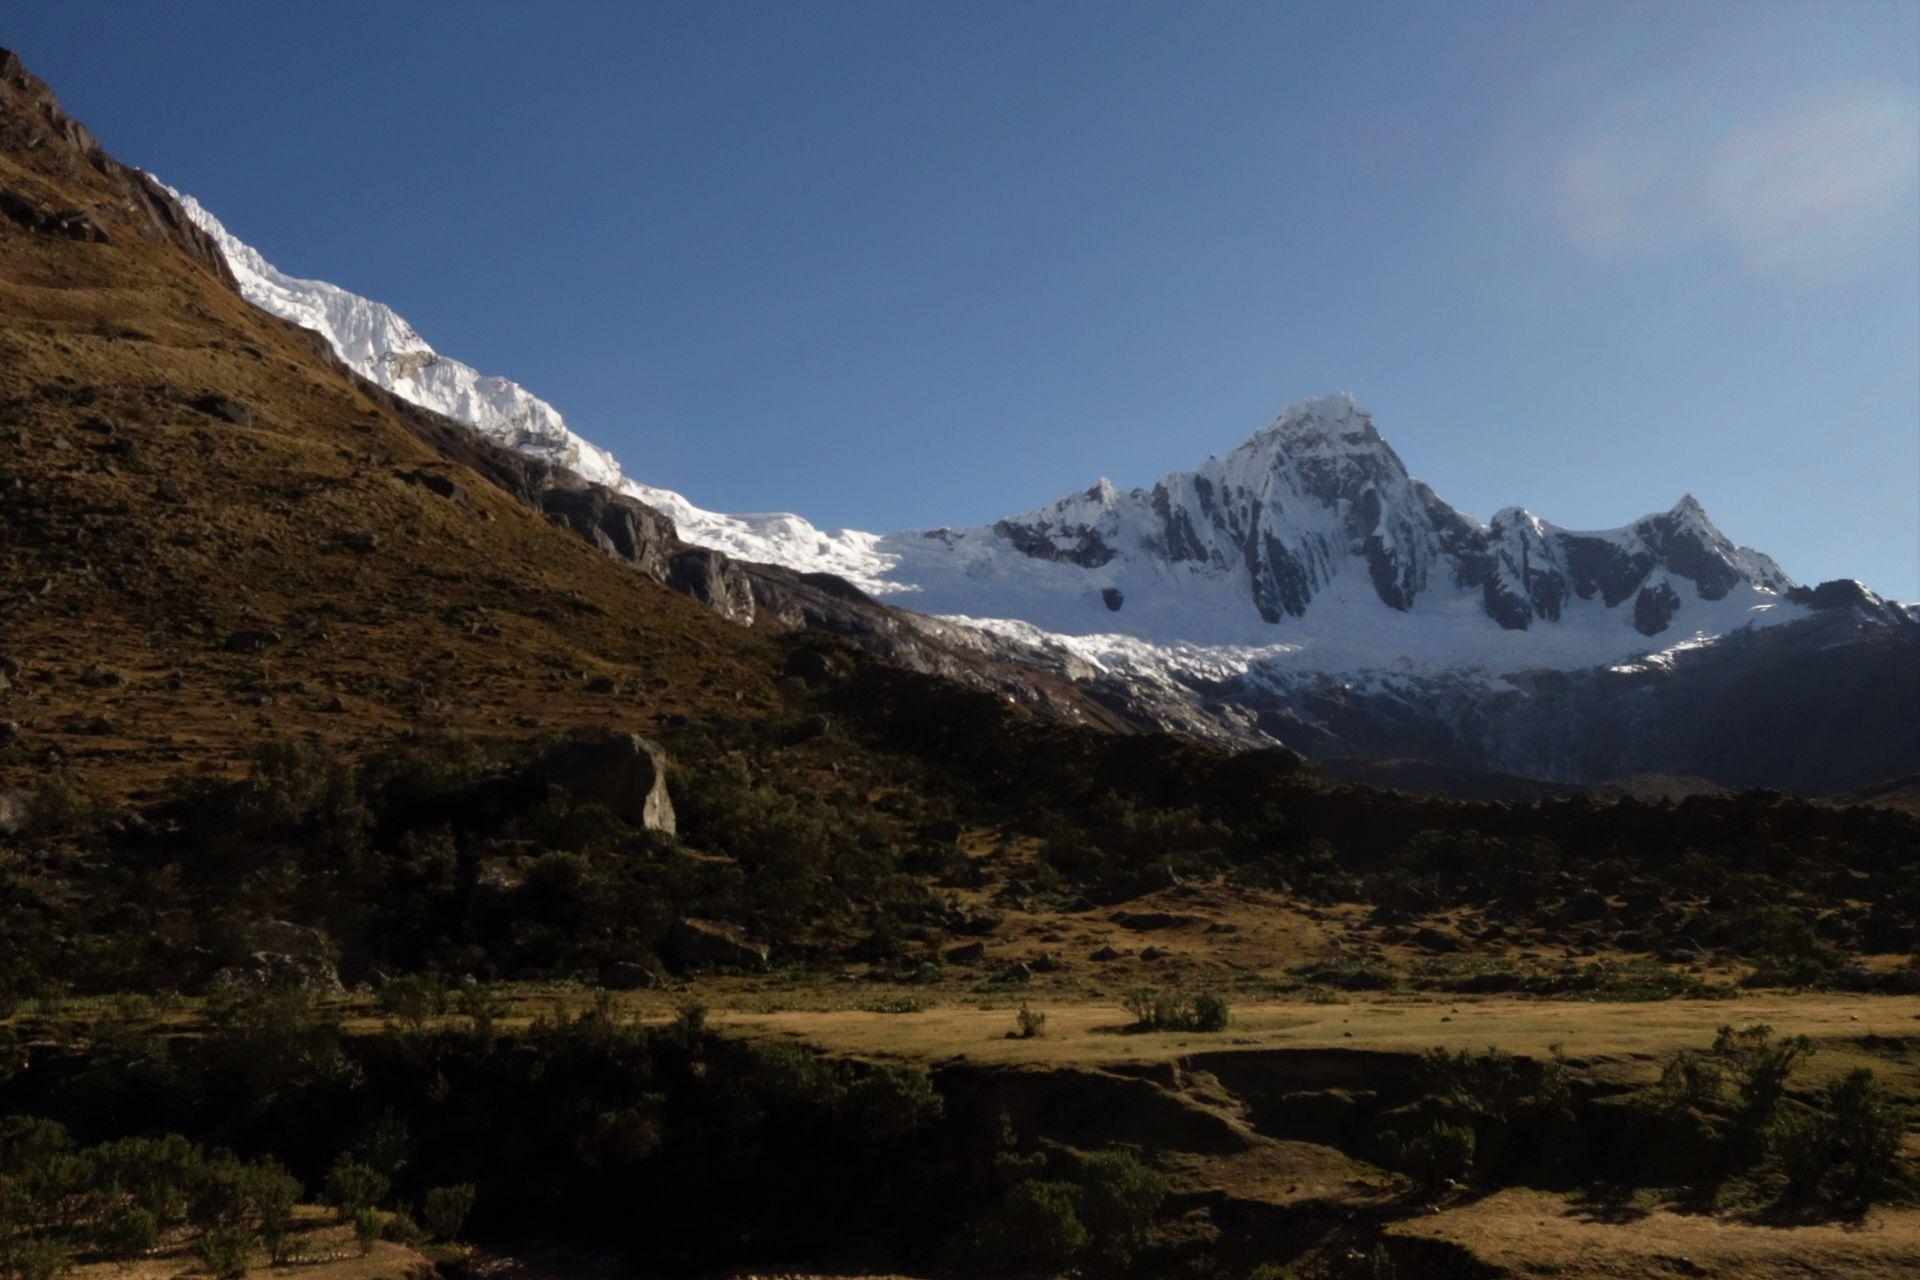 Am Morgen waren die Berge dann noch besser zu sehen. Taulliraju